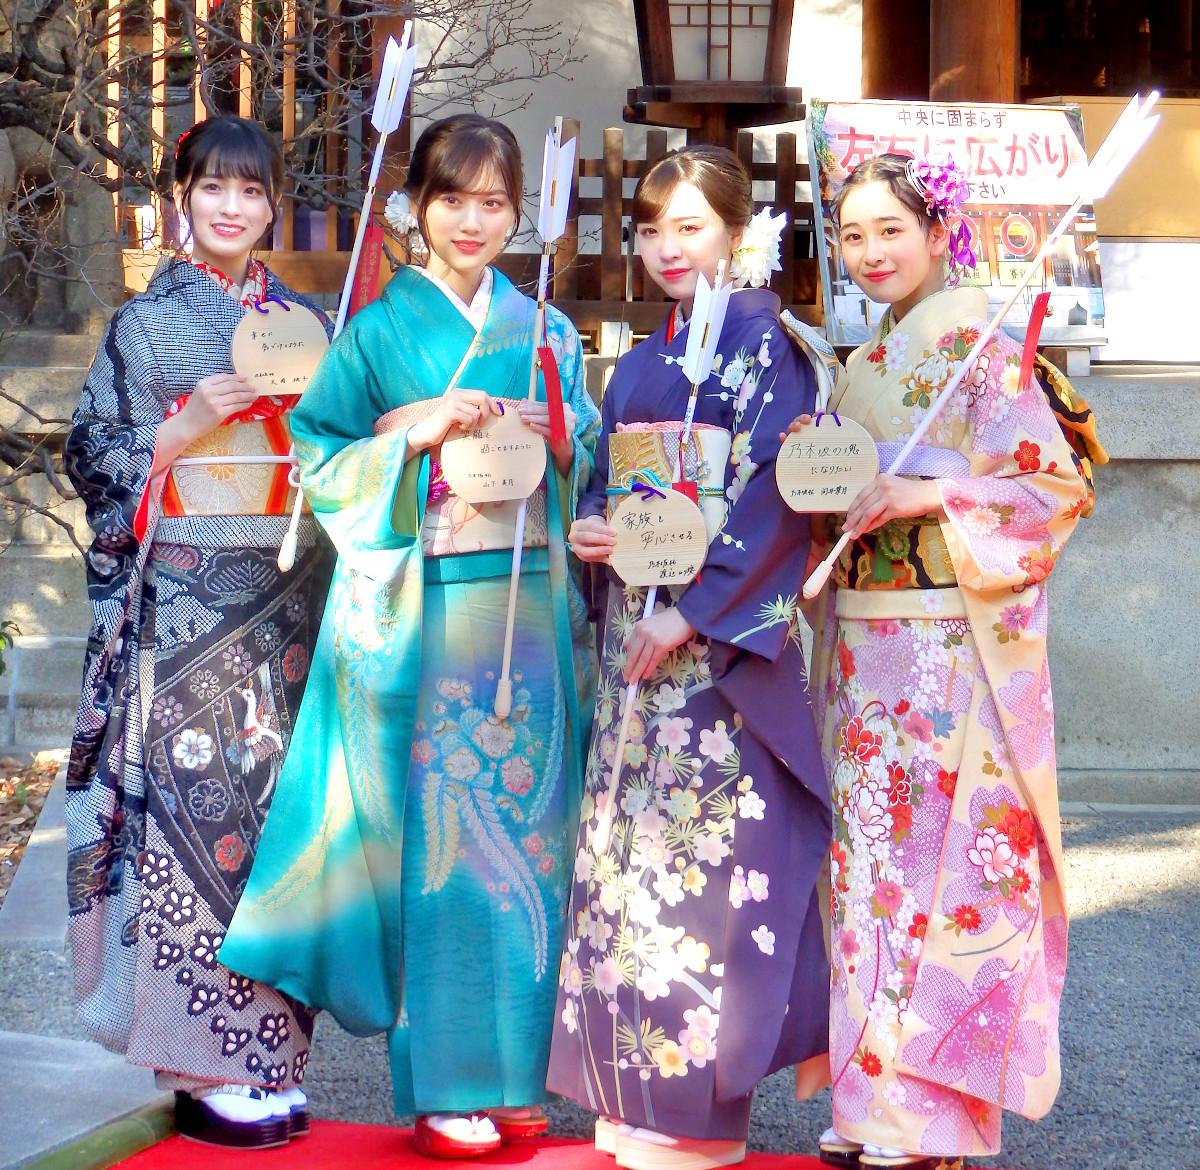 乃木坂46メンバーが成人式「おめでたい世代です」\u2026卒業発表の